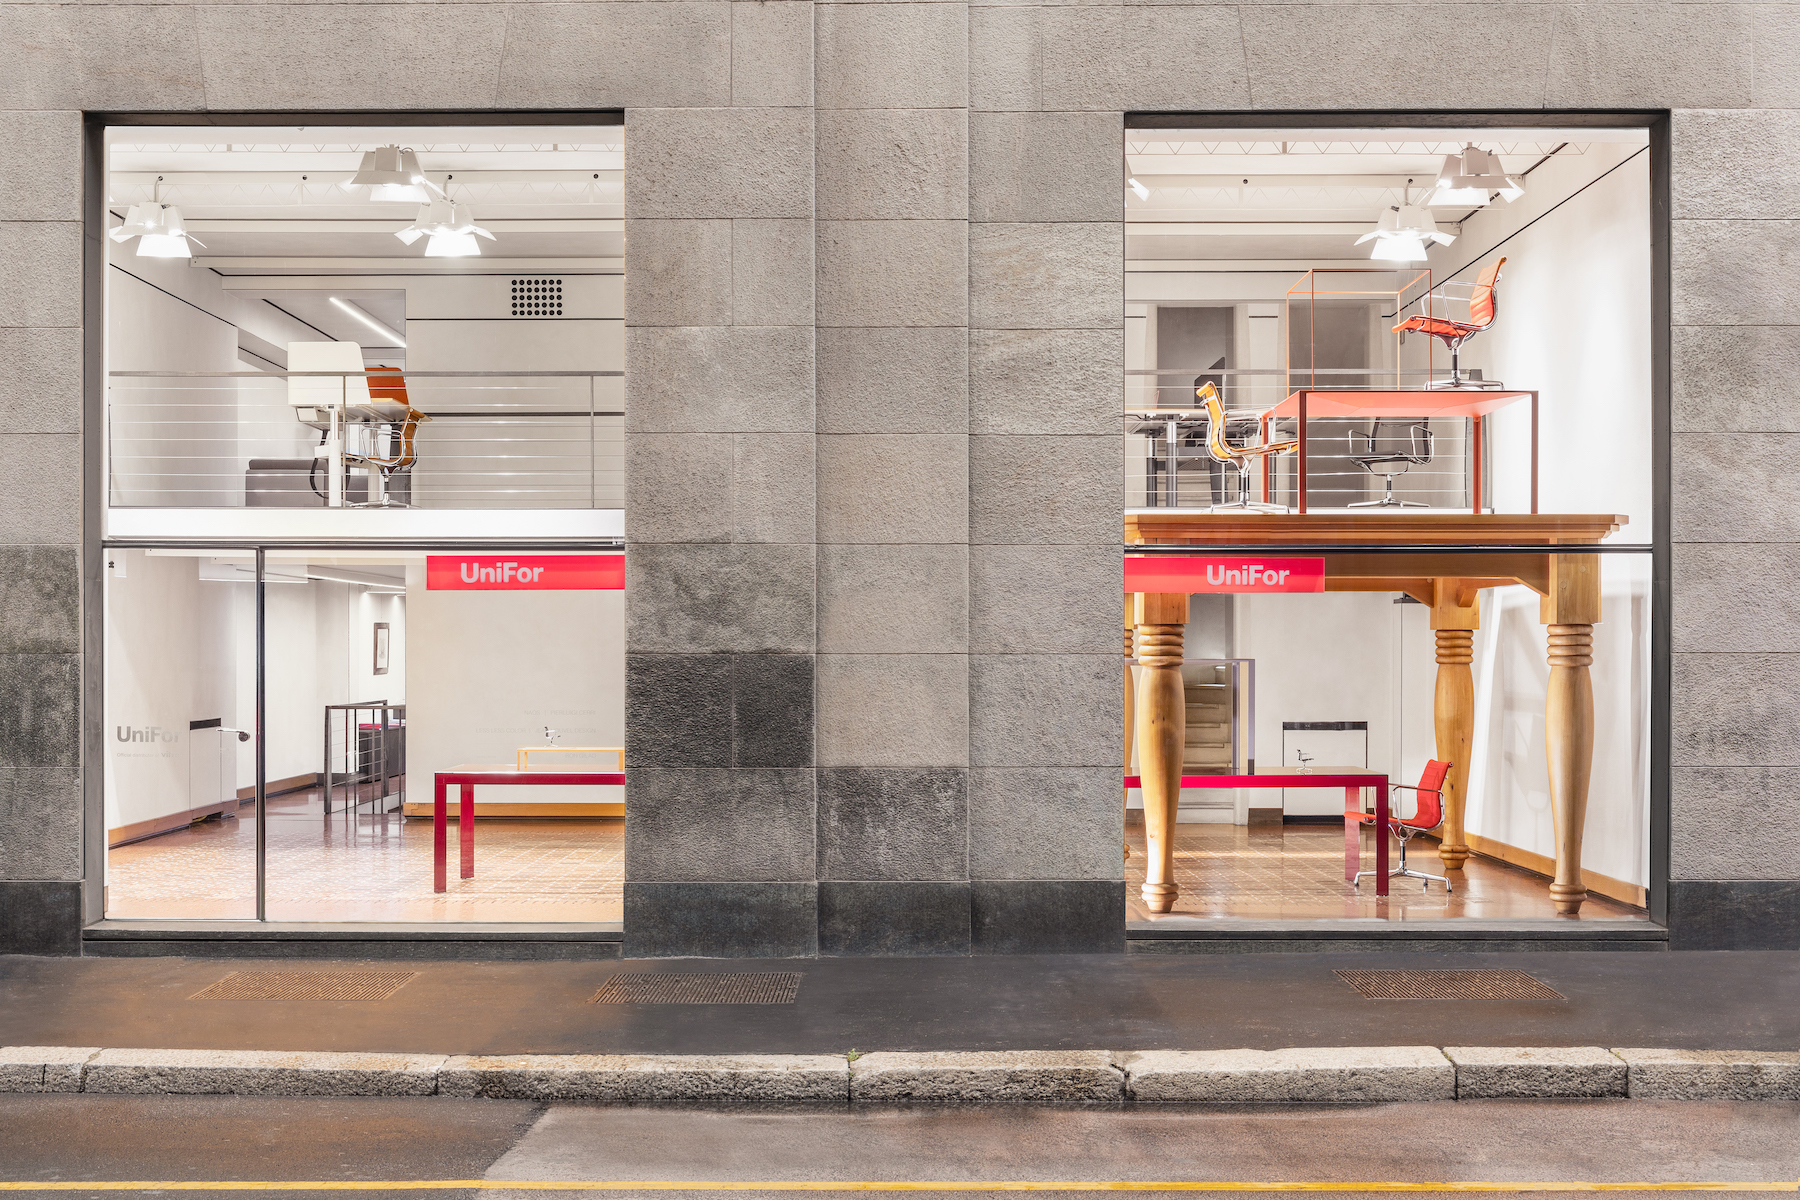 ה- showroom של המותג Unifor במילאנו | אינובייט